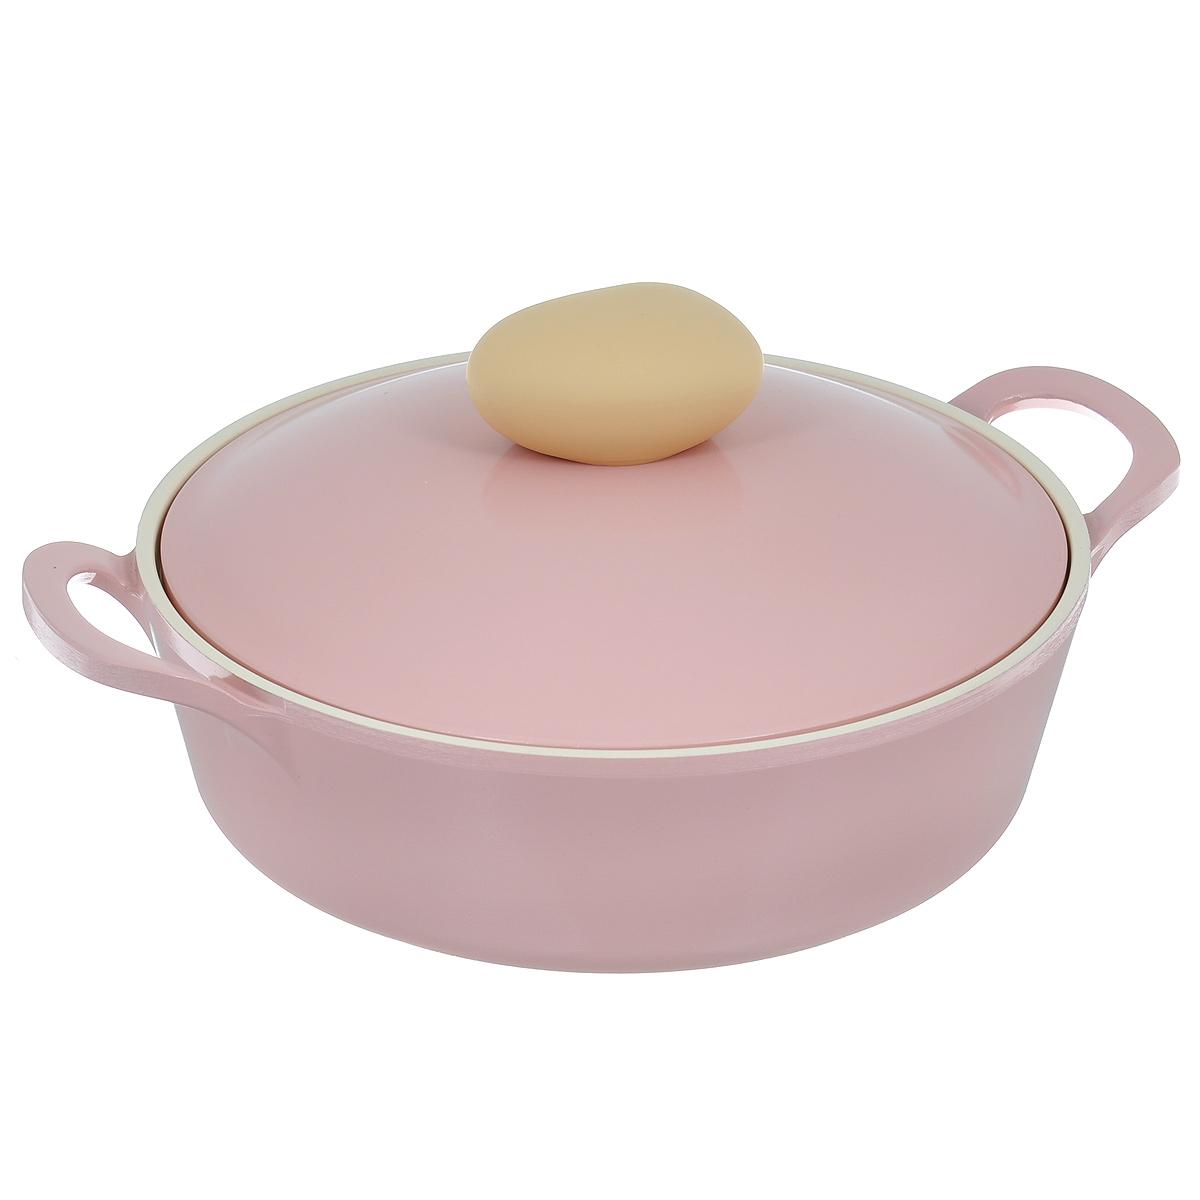 Жаровня Frybest Round с крышкой, с керамическим покрытием, цвет: розовый, 2 л